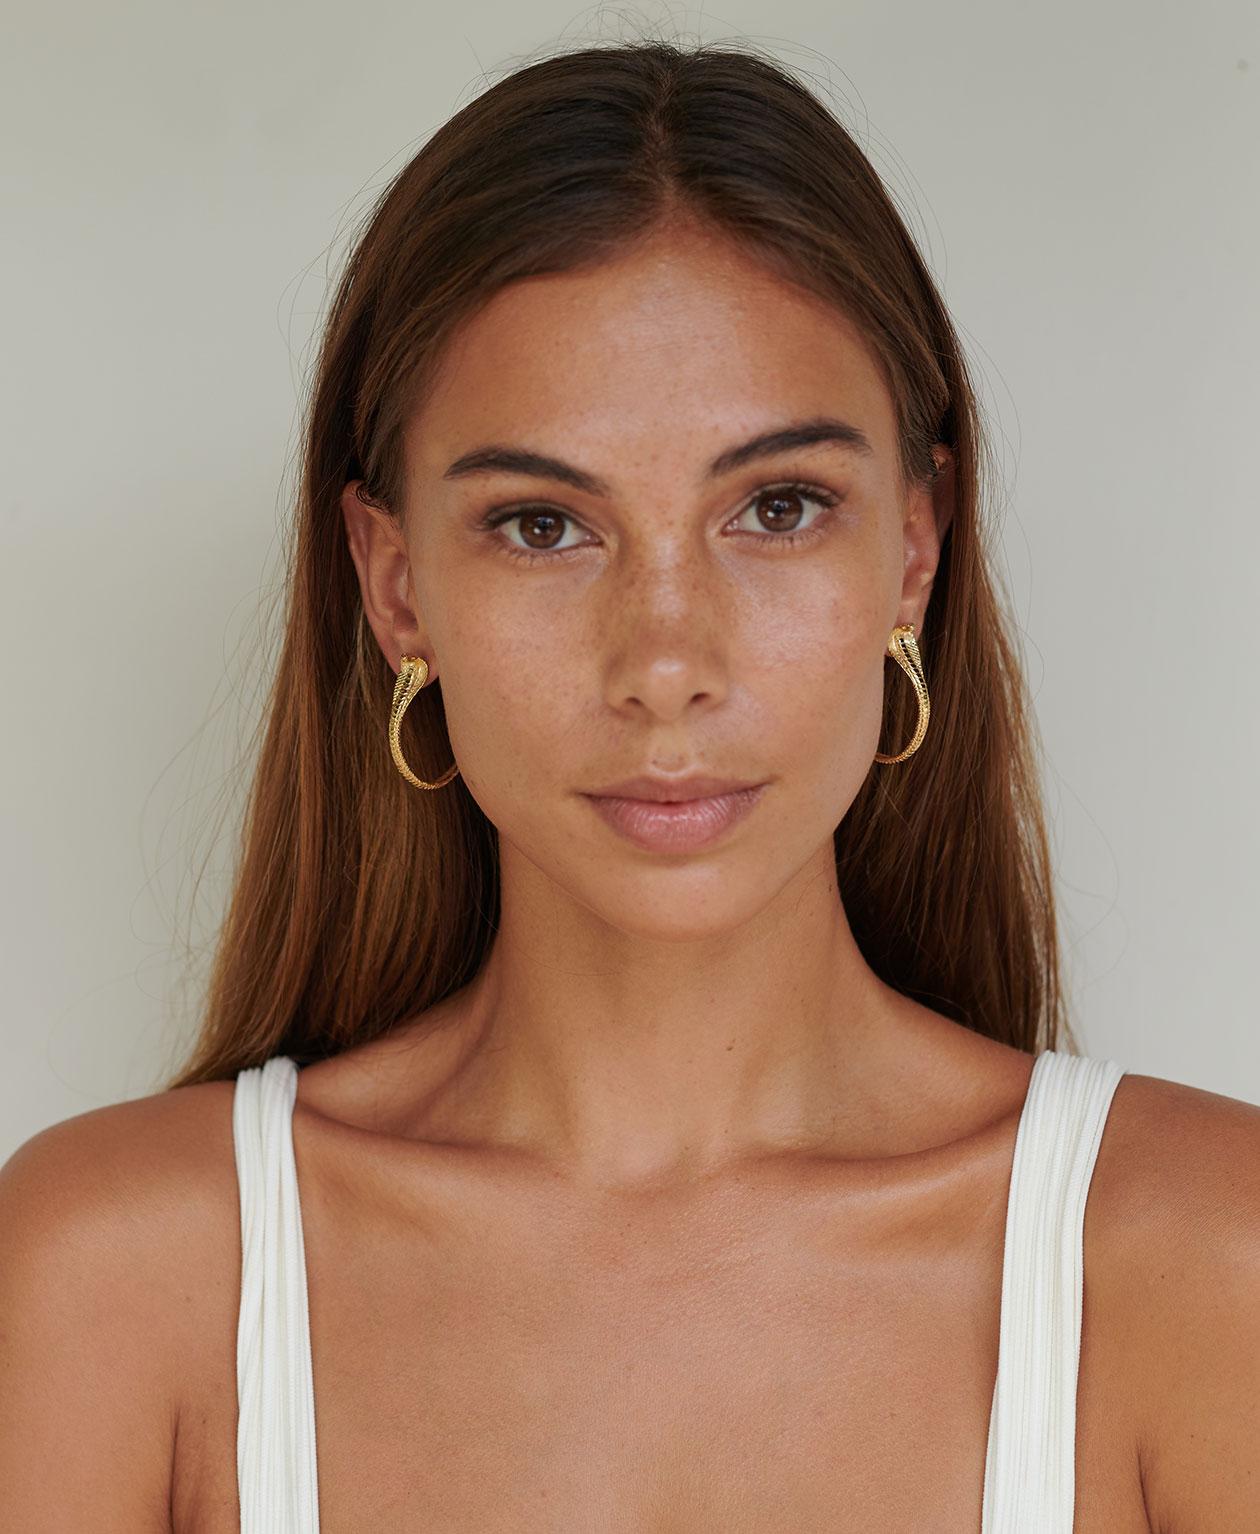 413d02e2e Buy Protect Me Hoop Earrings 22k Gold Plate | Zoe & Morgan